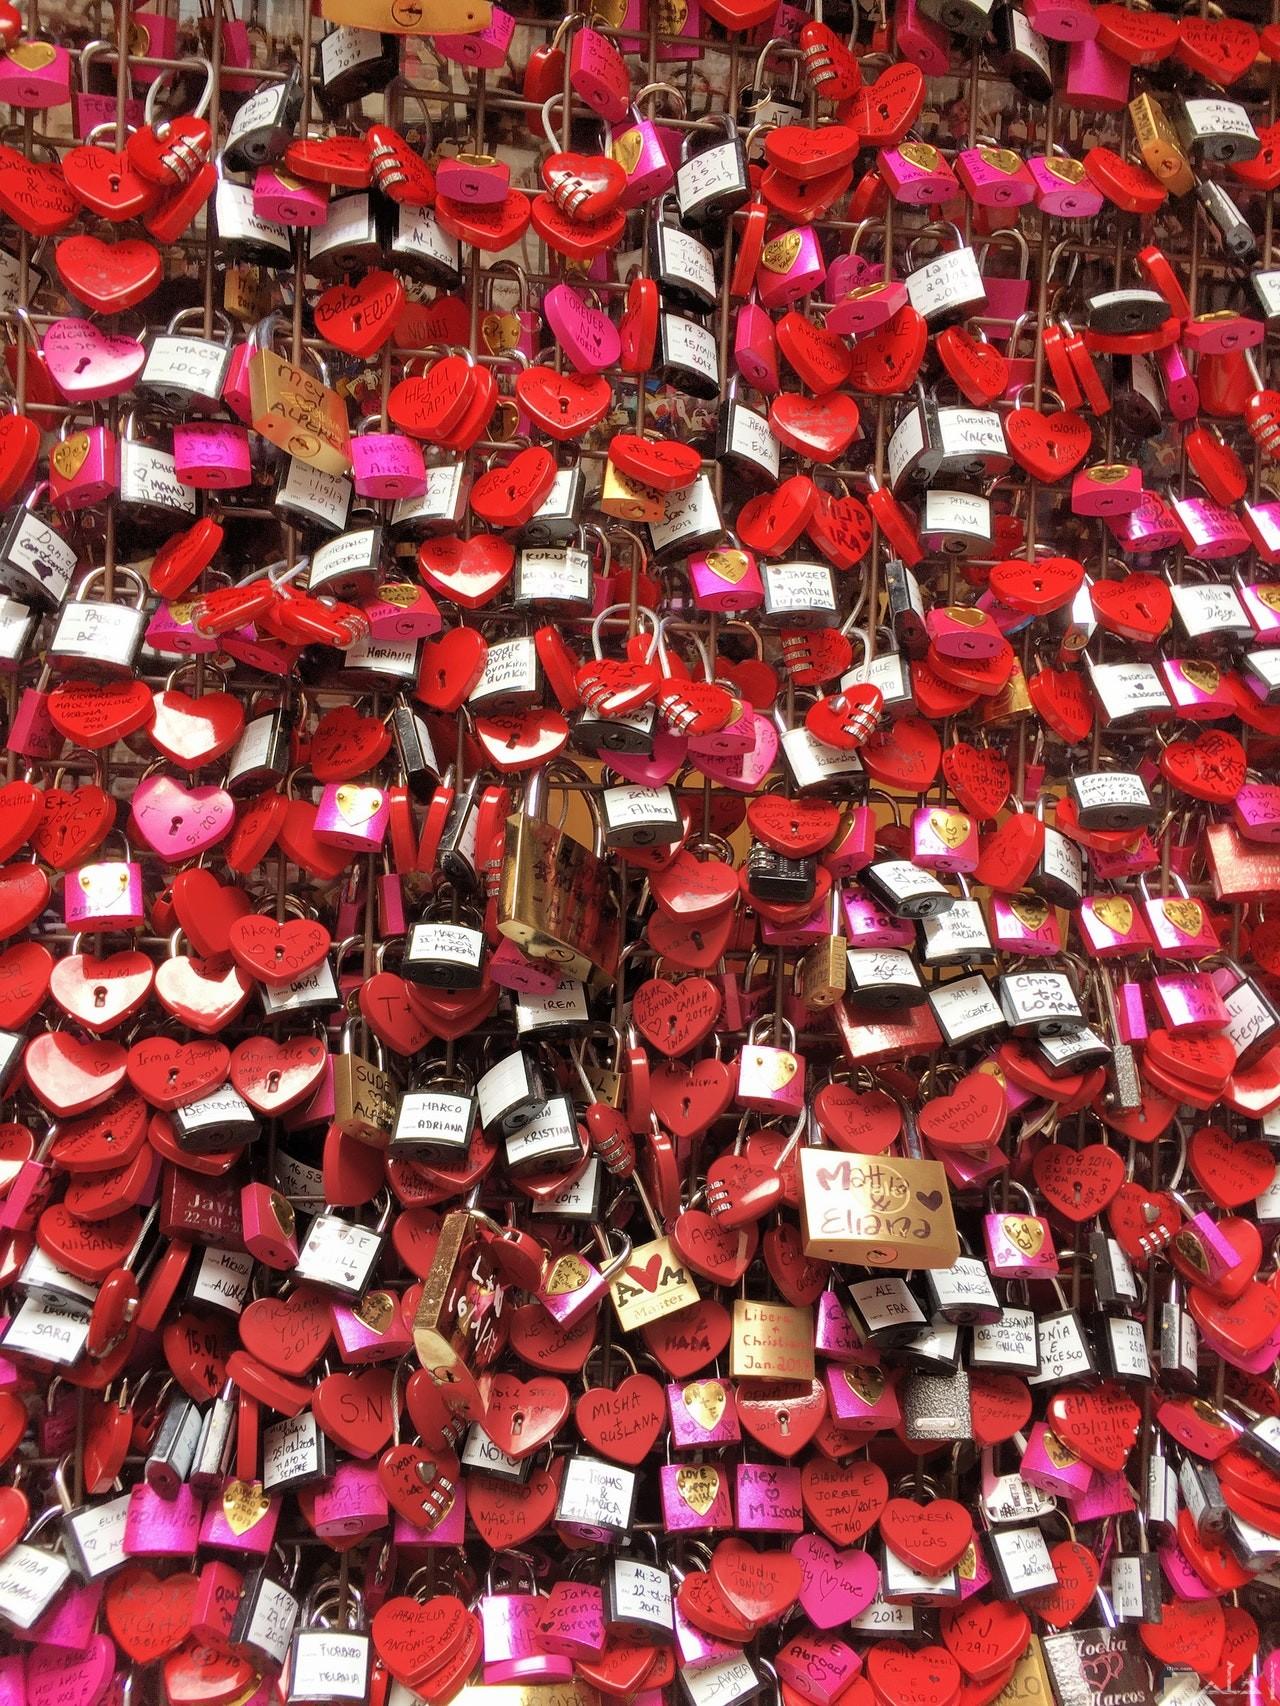 صورة جميلة جدا لمجموعة أقفال معلقة علي شكل قلوب حمراء حلوة